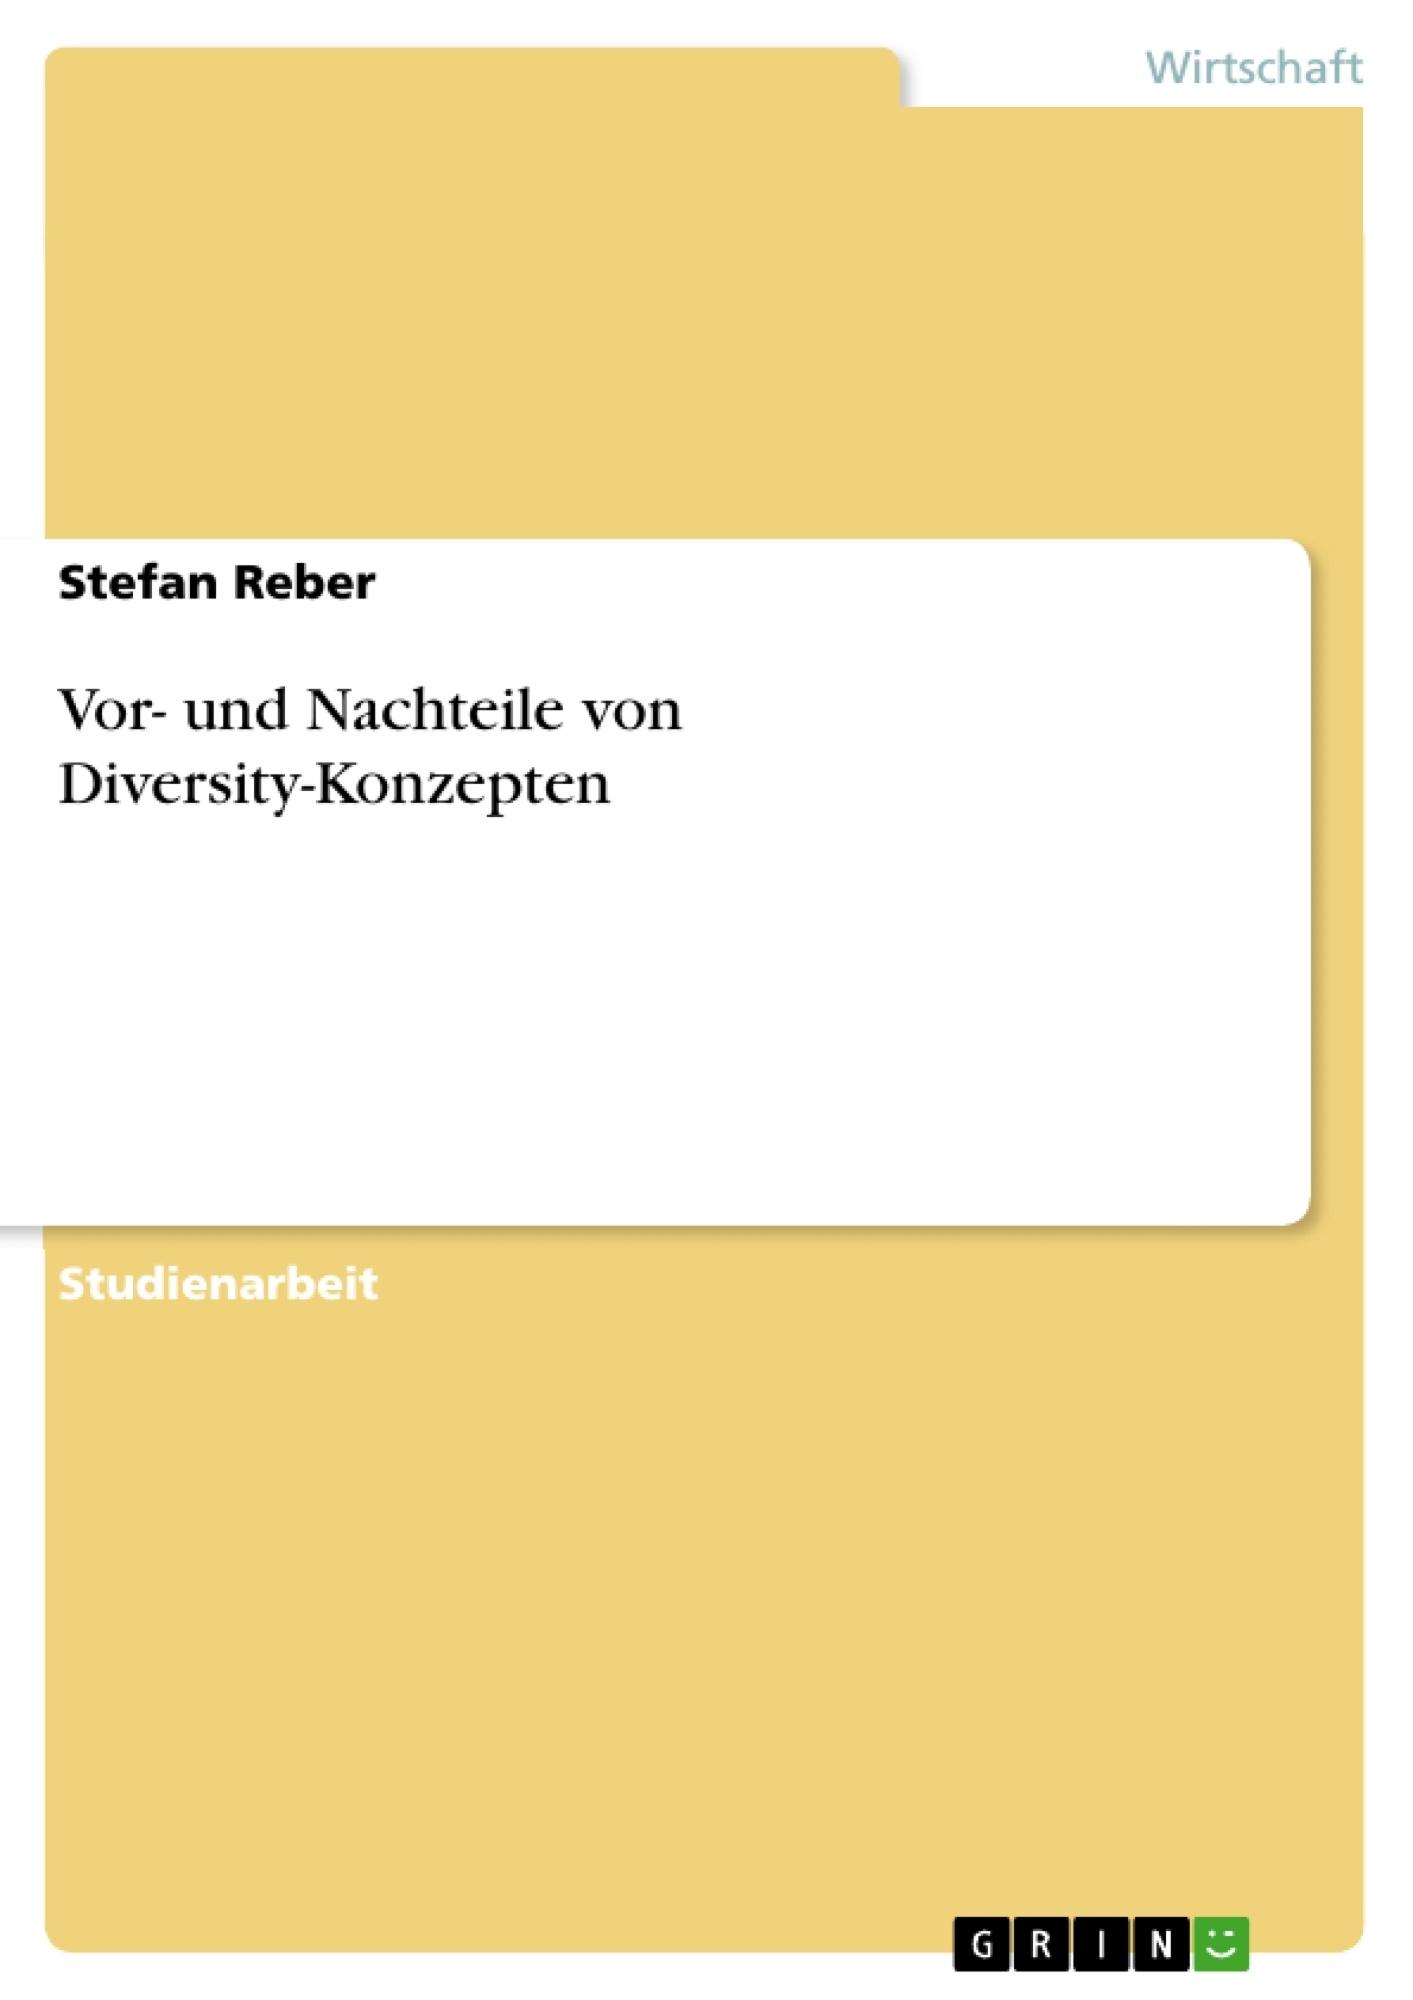 Titel: Vor- und Nachteile von Diversity-Konzepten